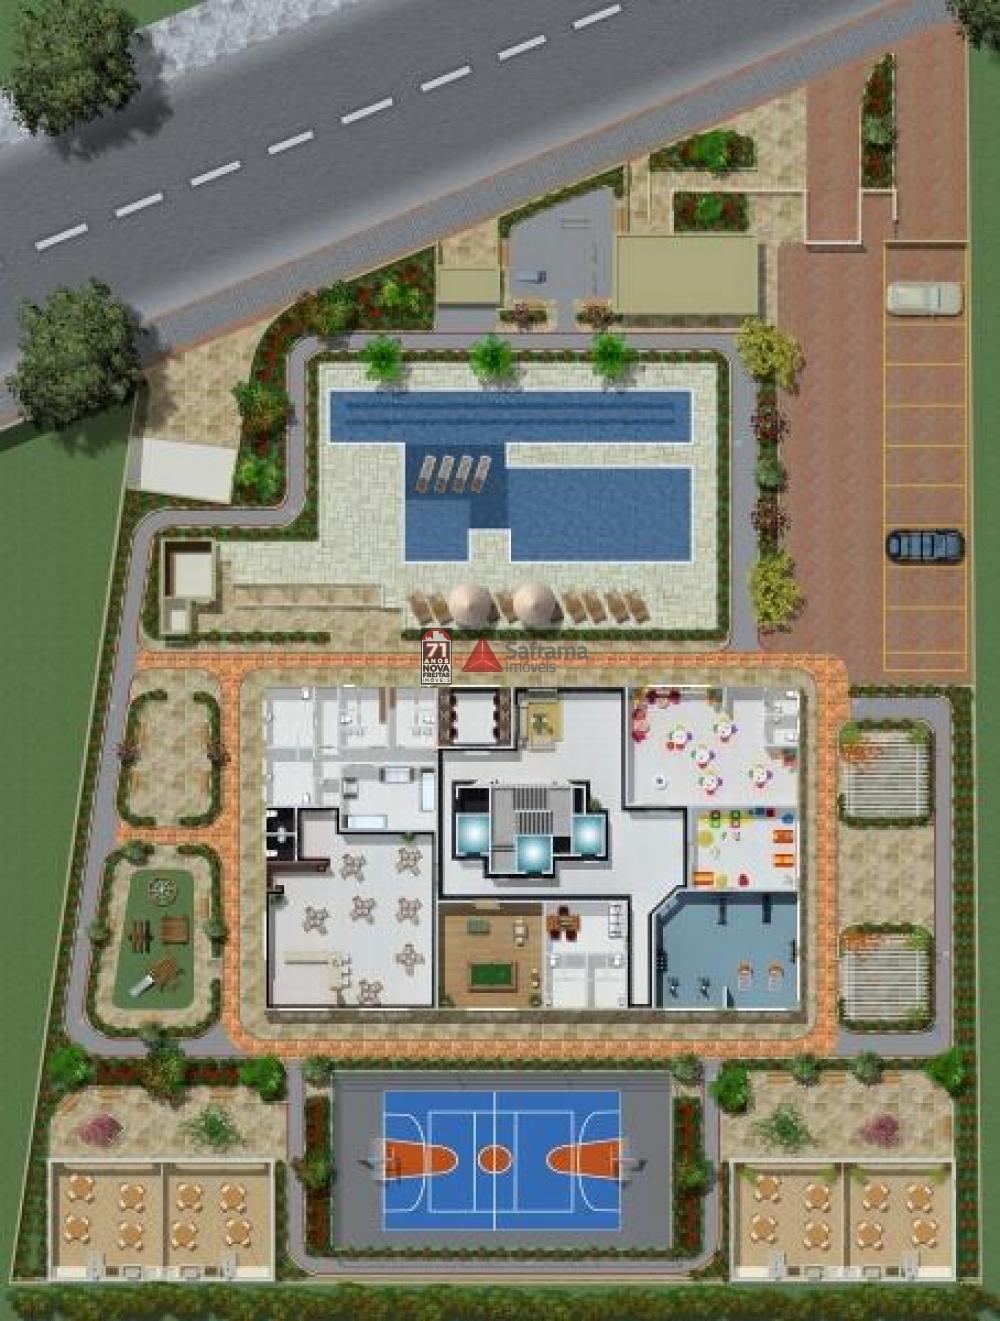 Comprar Apartamento / Padrão em São José dos Campos R$ 633.233,70 - Foto 8